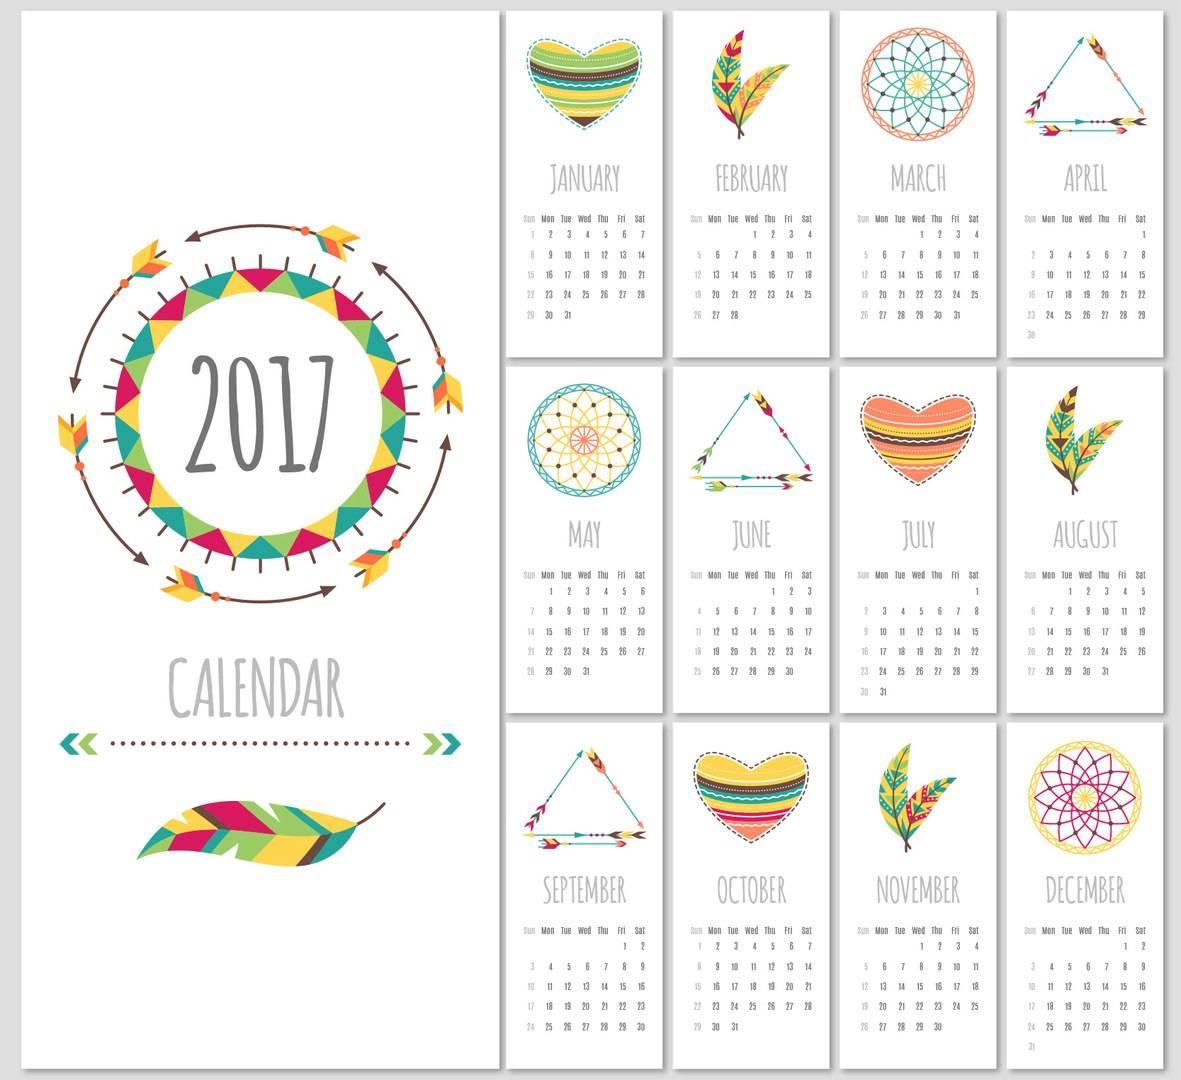 vektornyj-shablon-kalendarya-na-2017-god-6